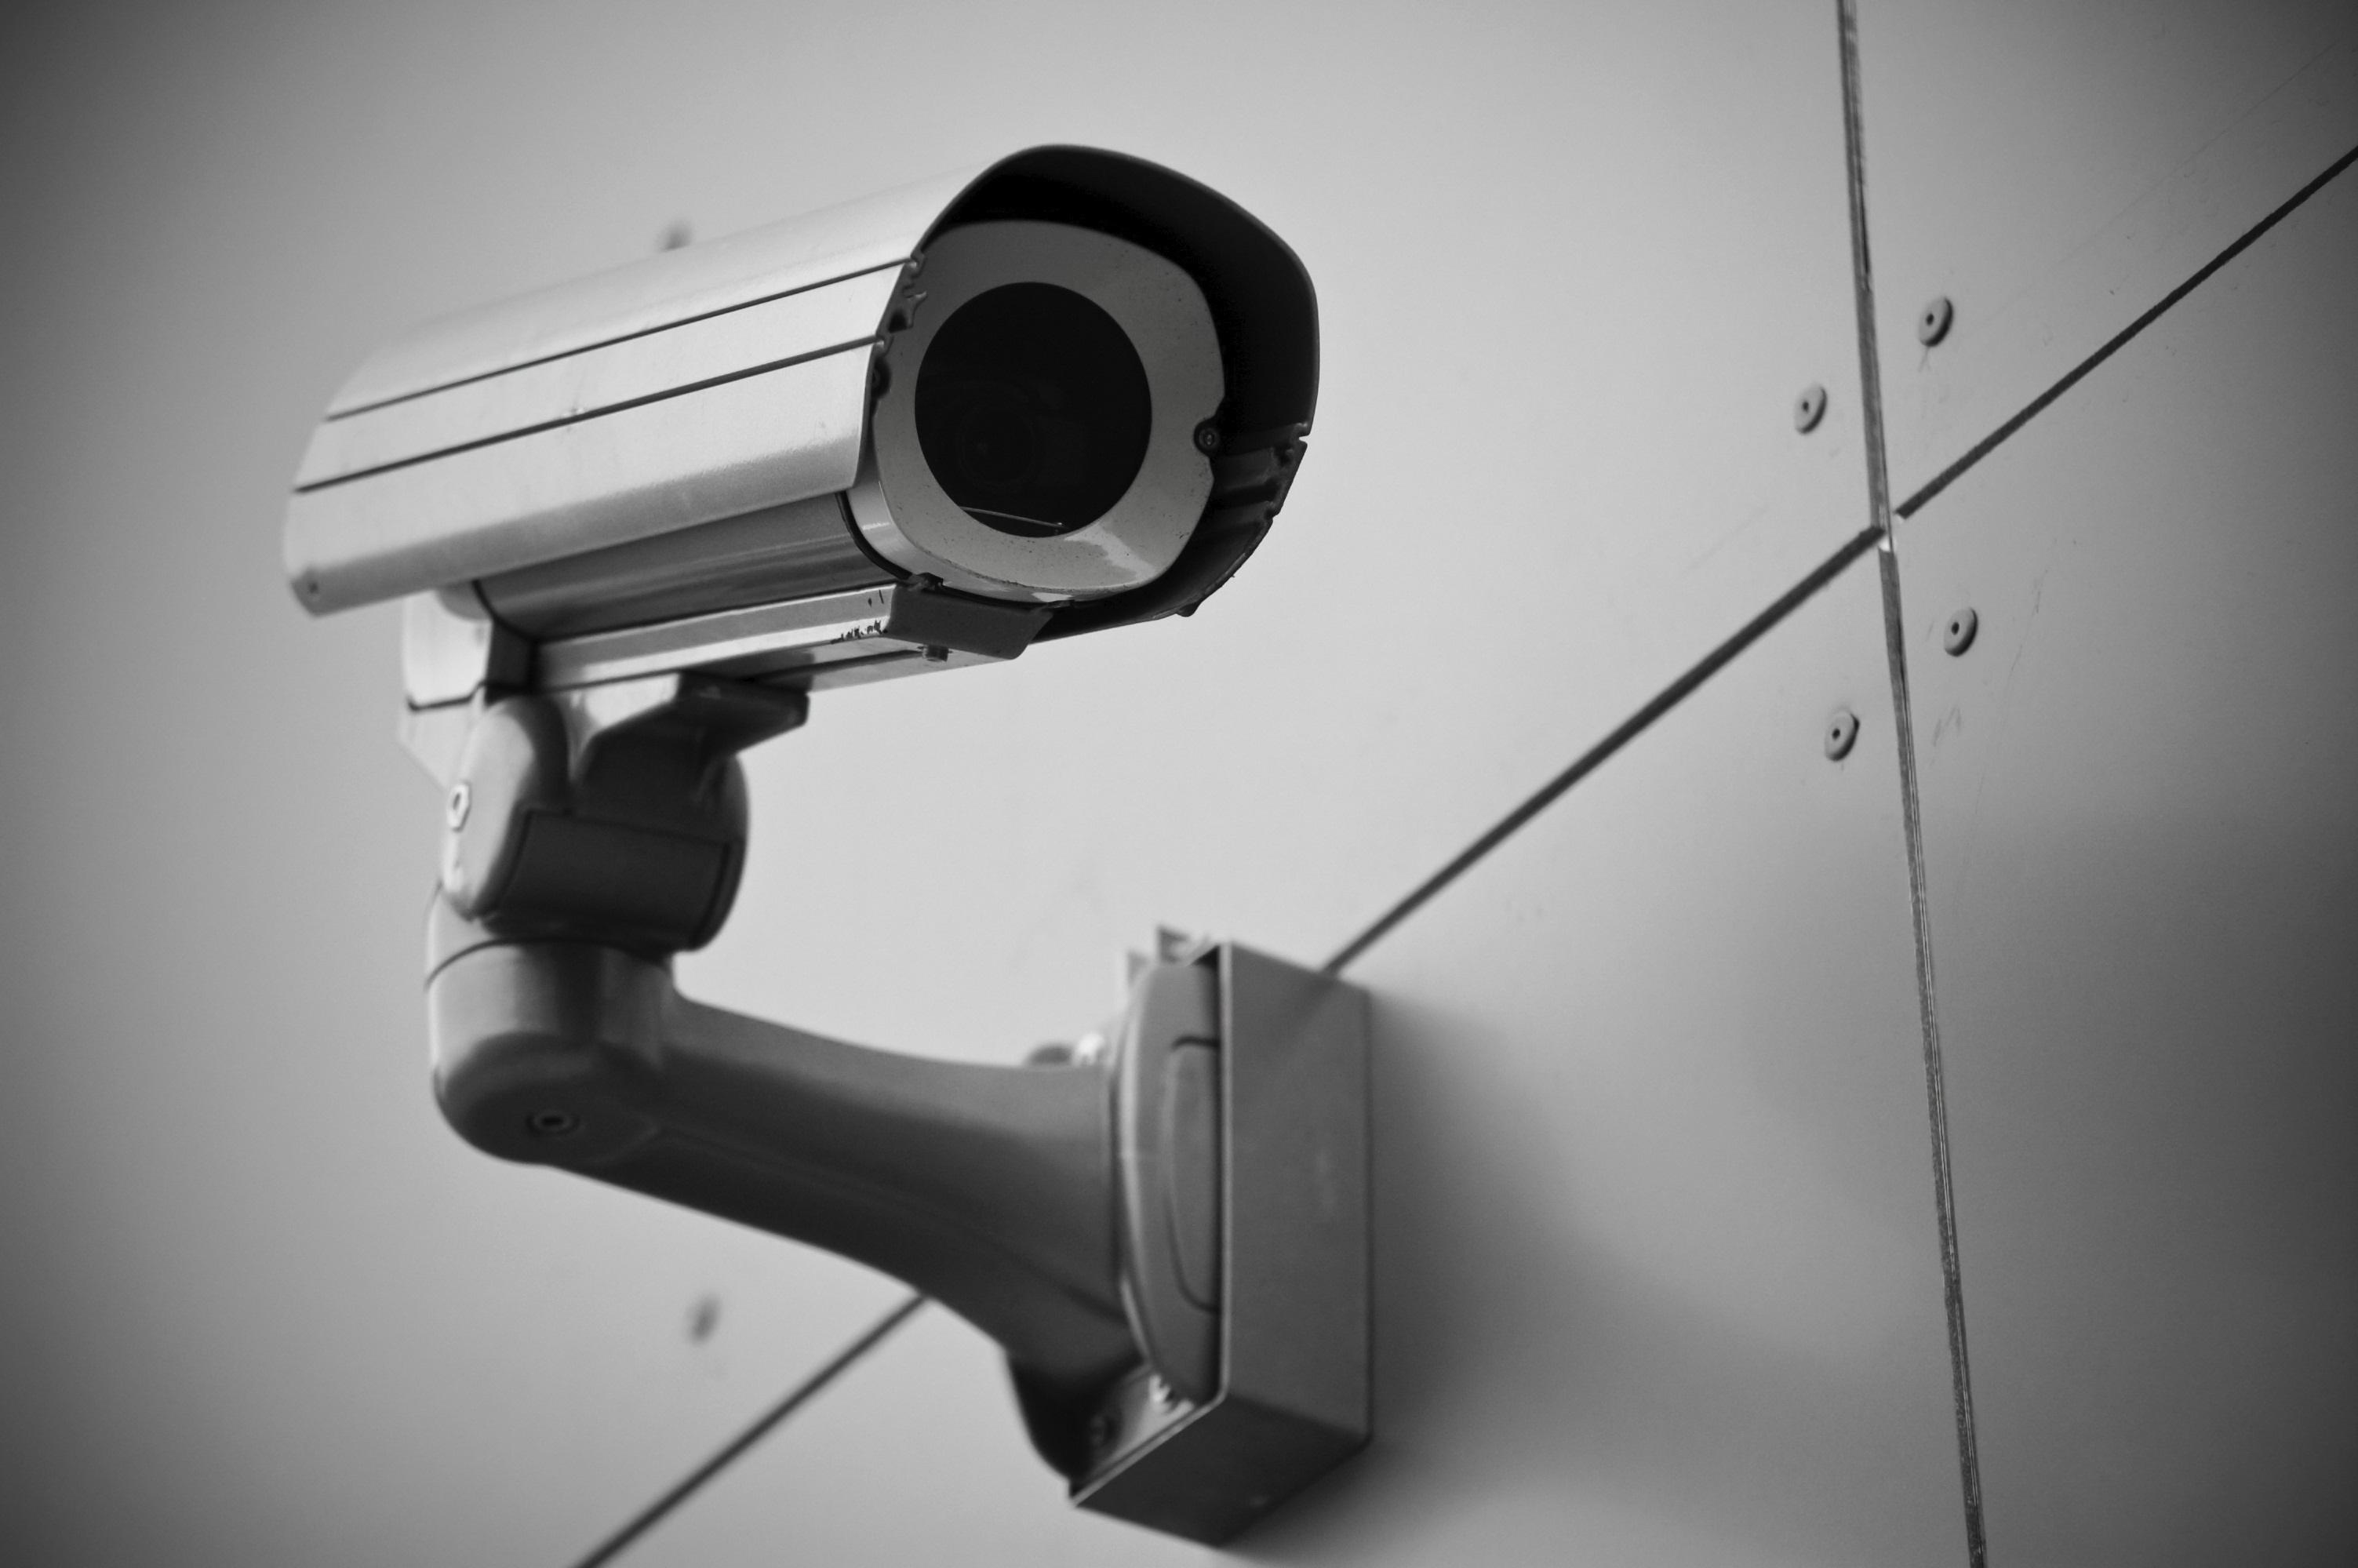 آیا نصب دوربین مداربسته جرم است؟